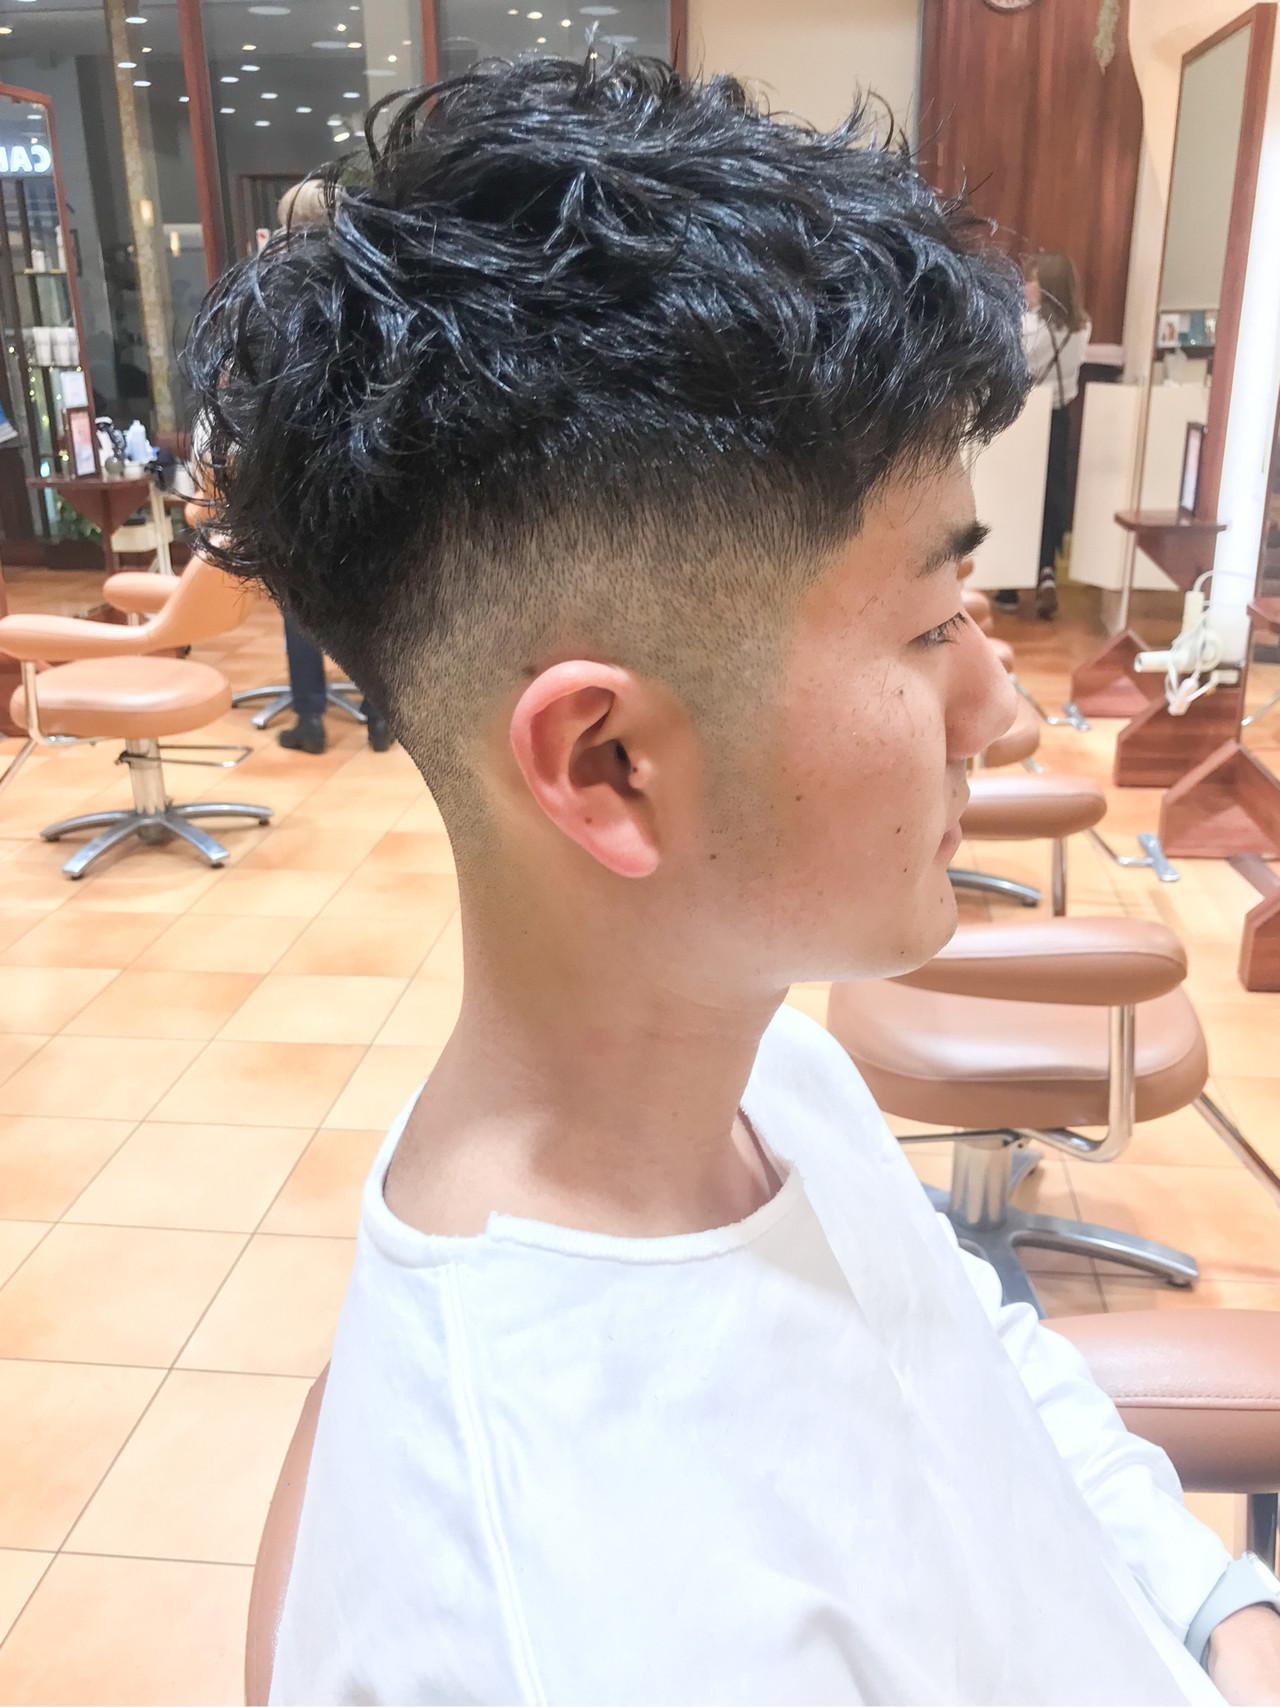 フェードカット ストリート ショート メンズカット ヘアスタイルや髪型の写真・画像